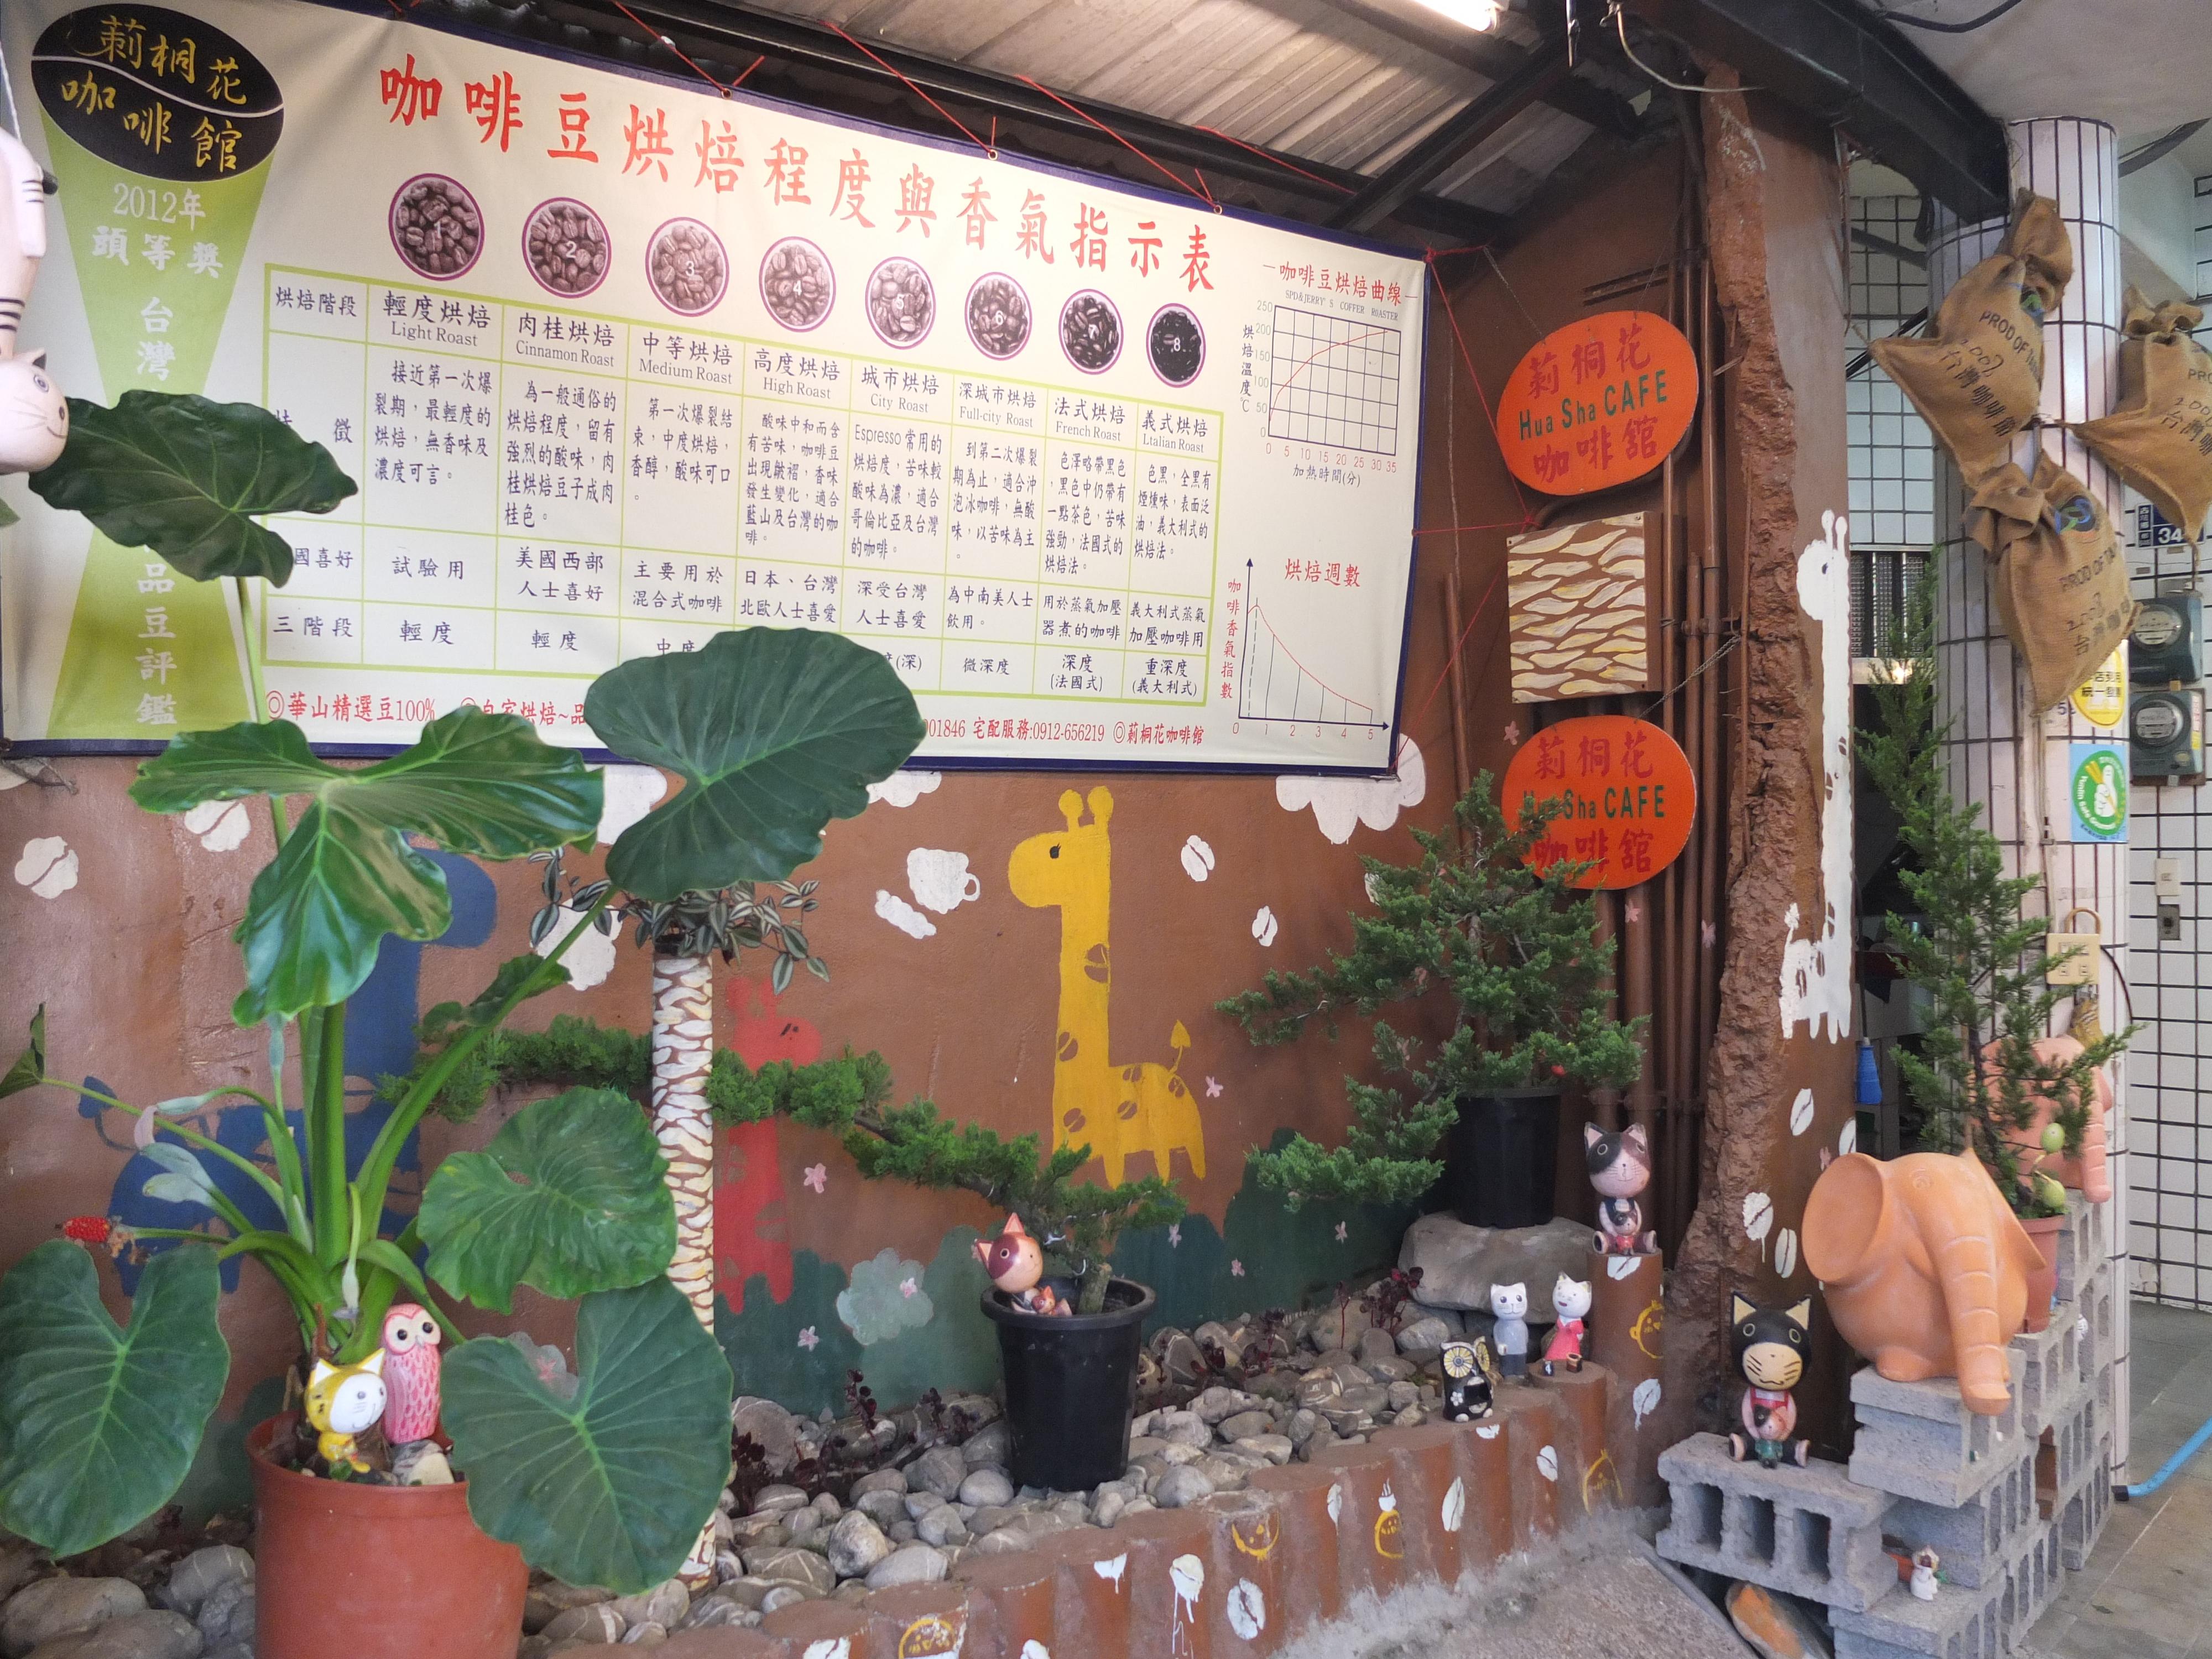 莿桐花咖啡館 (5)